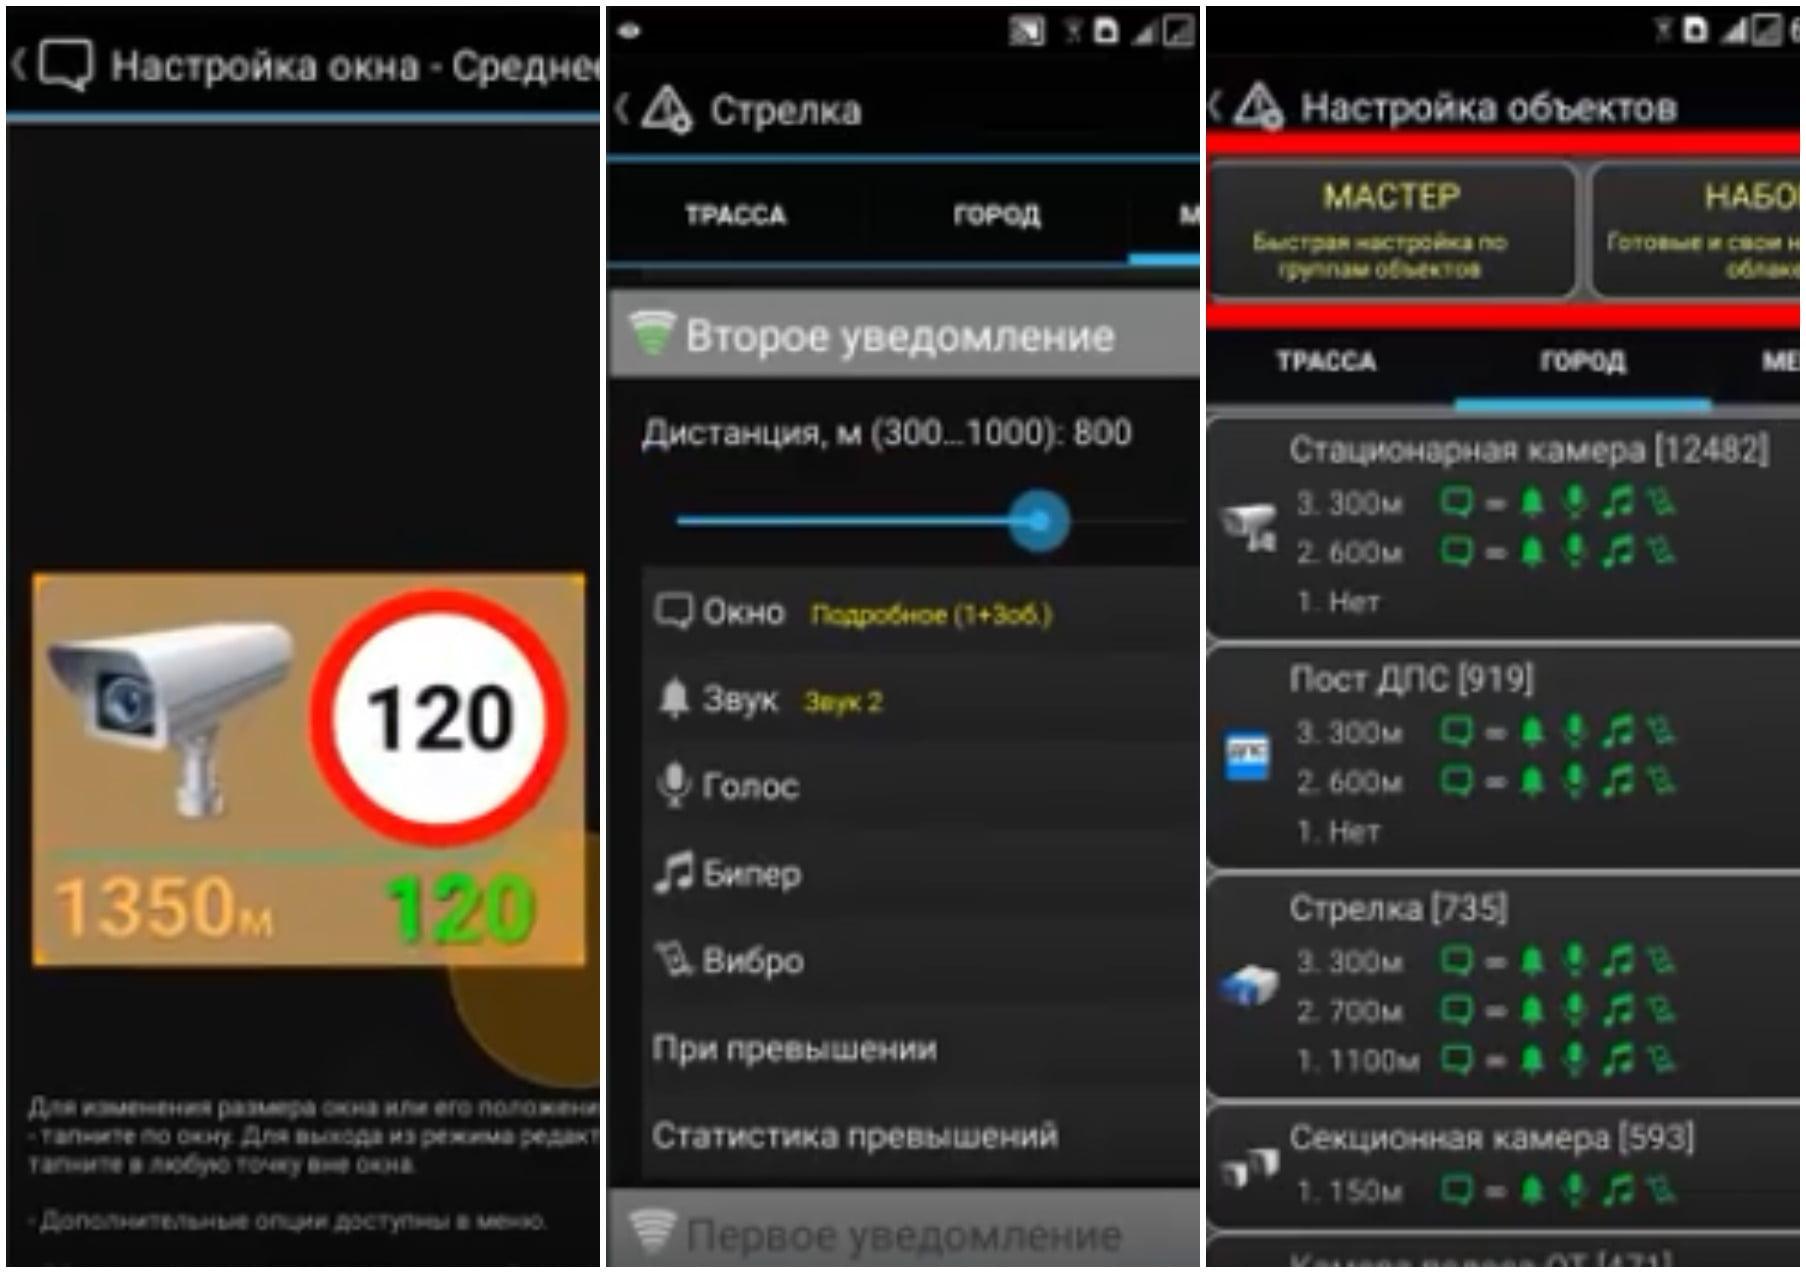 На фото приложение Антирадар стрелка